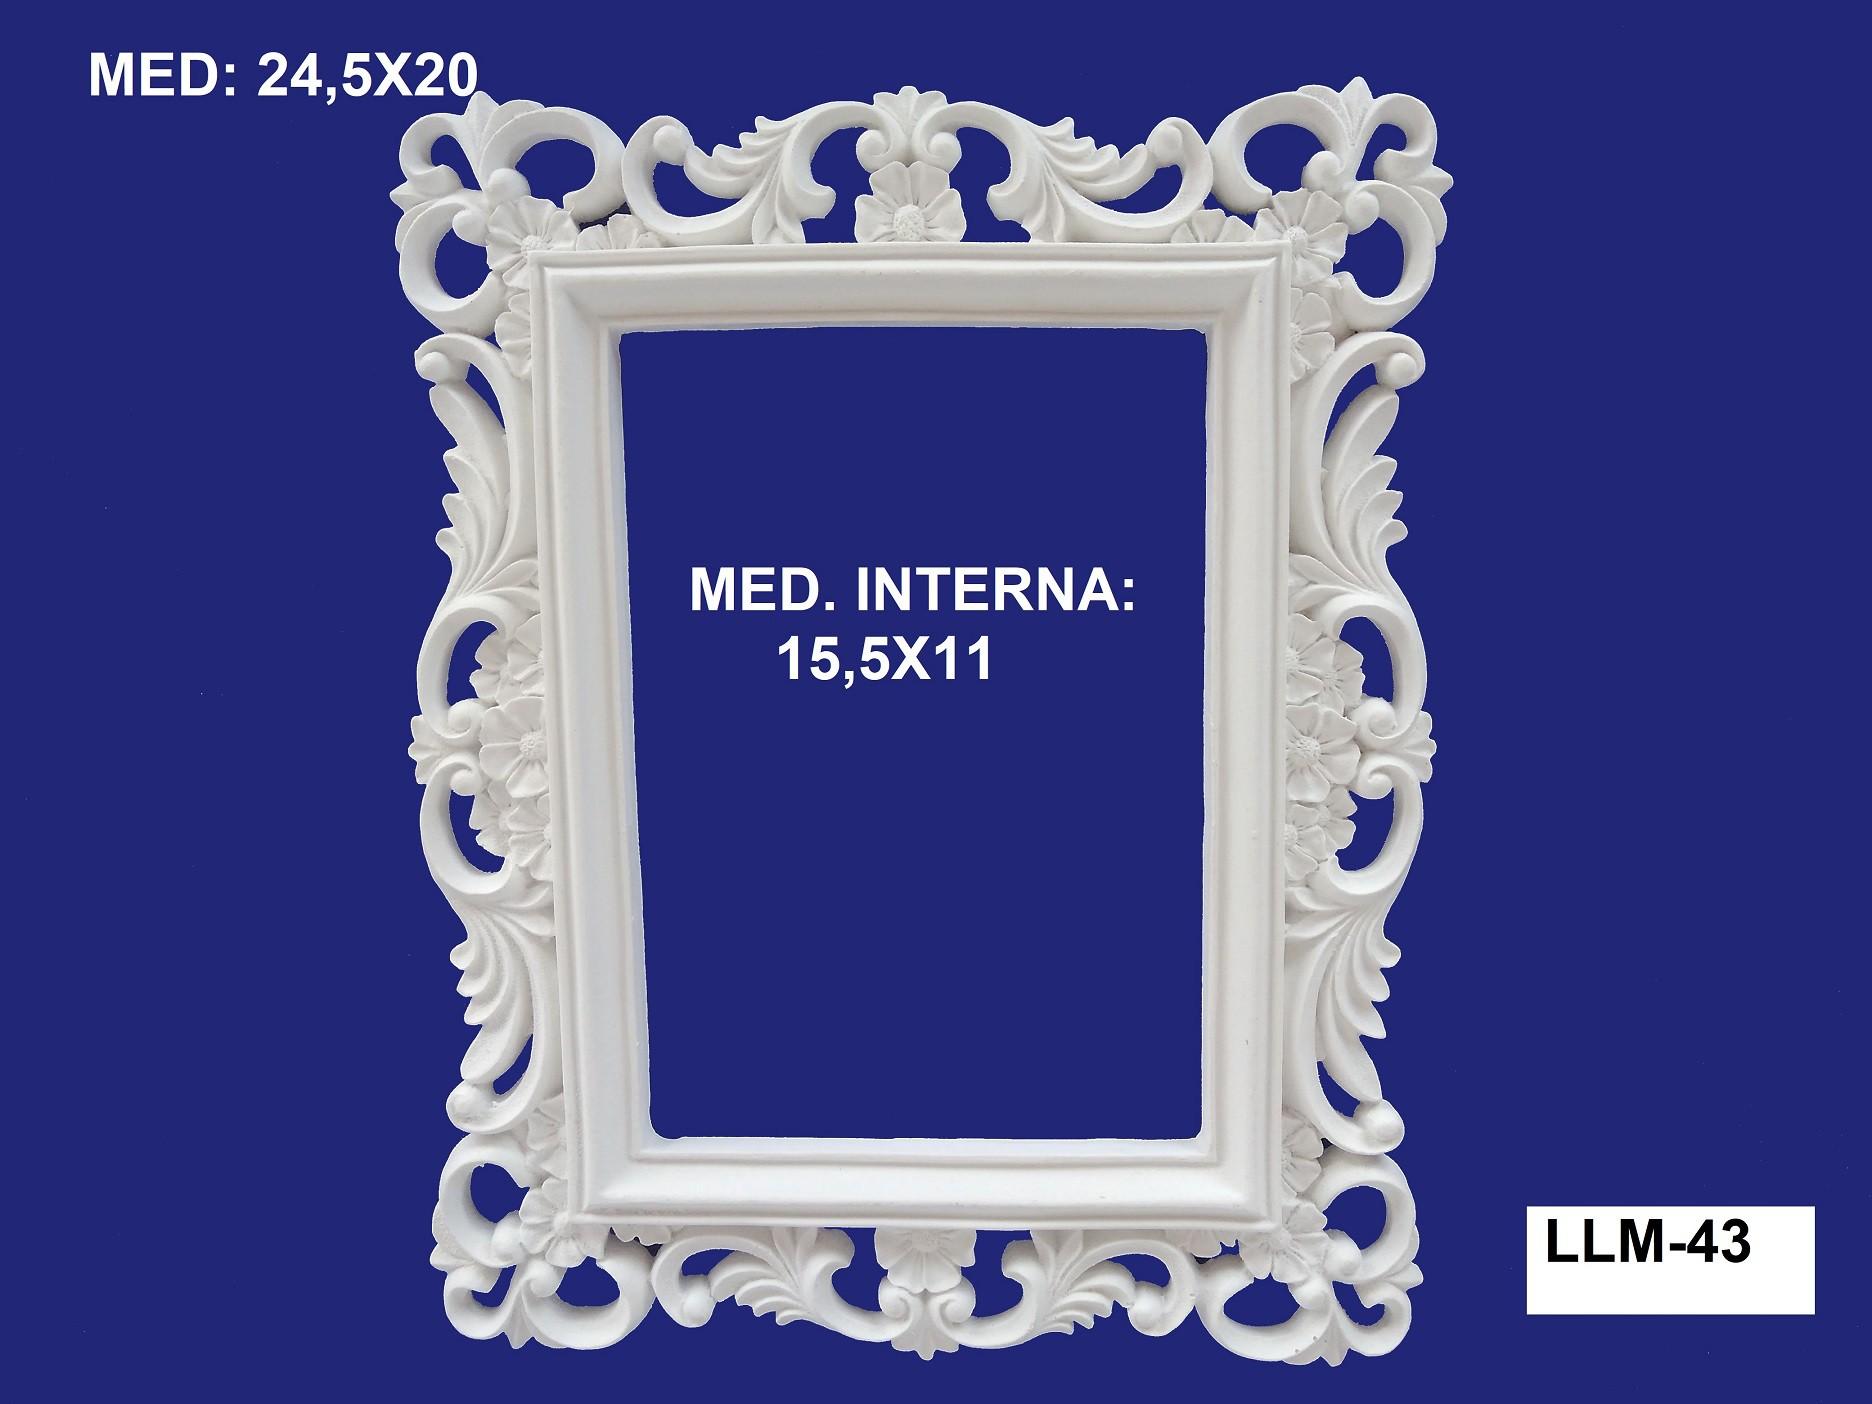 LLM-43 MOLDURA 24,5X20 INT: 15,5X11CM